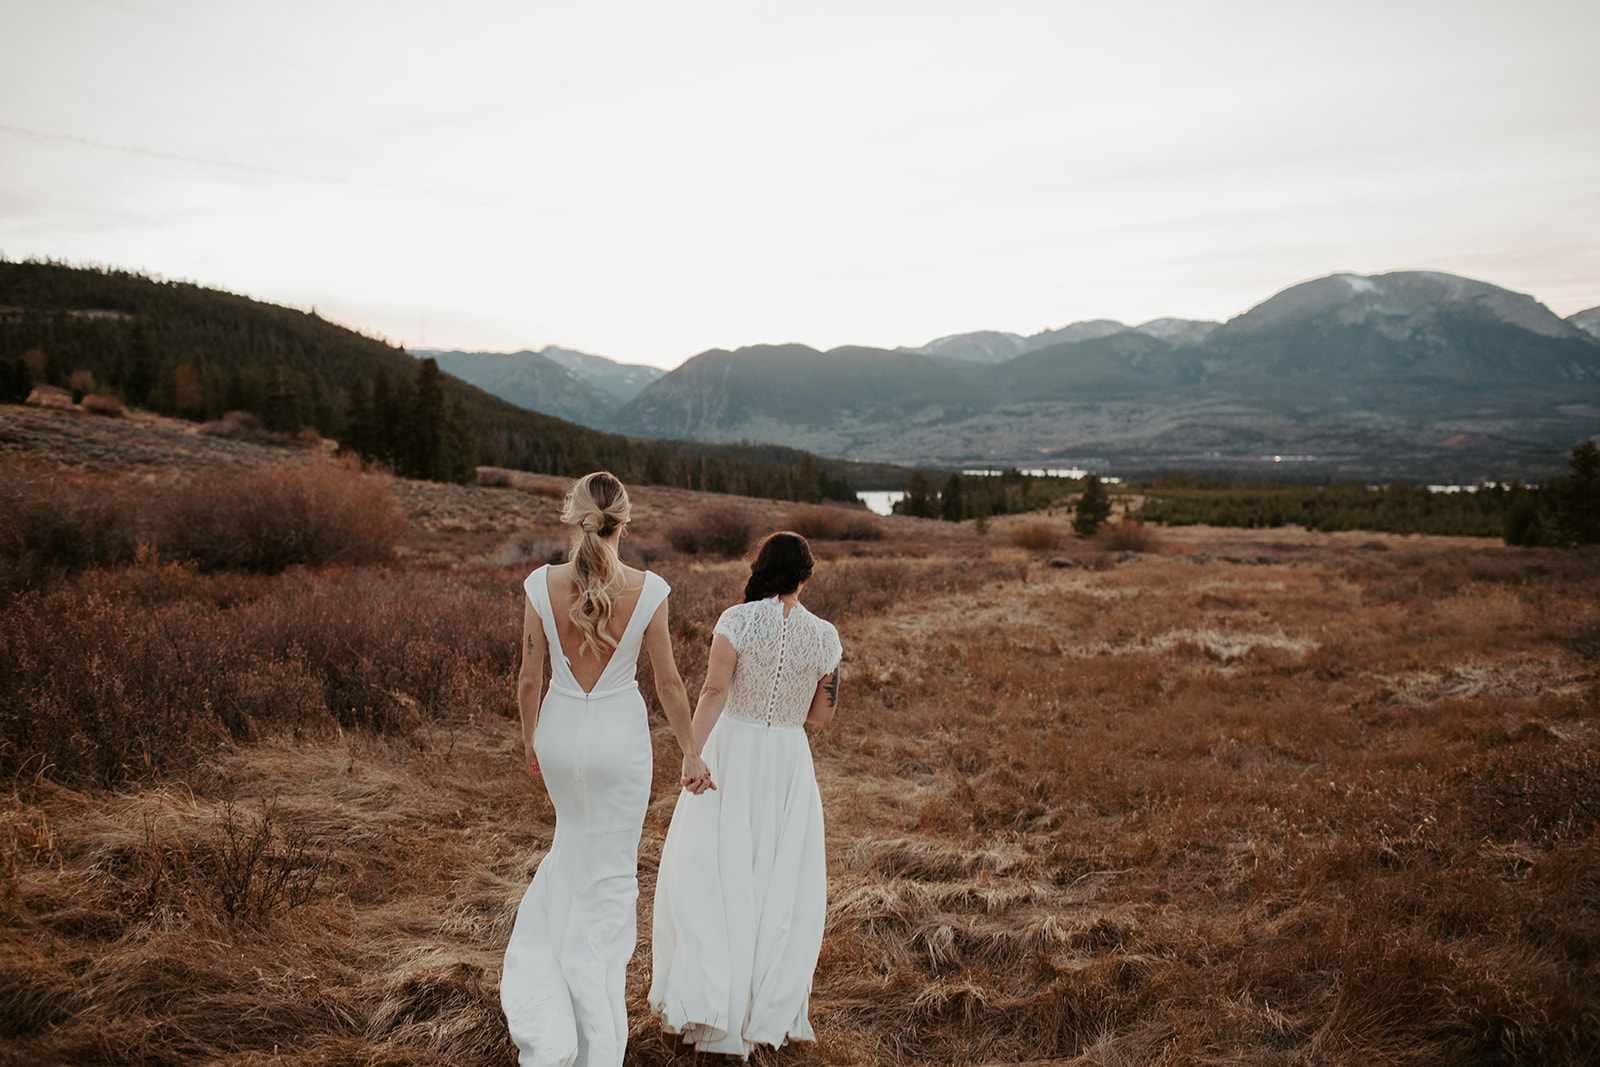 Brides walk towards ceremony